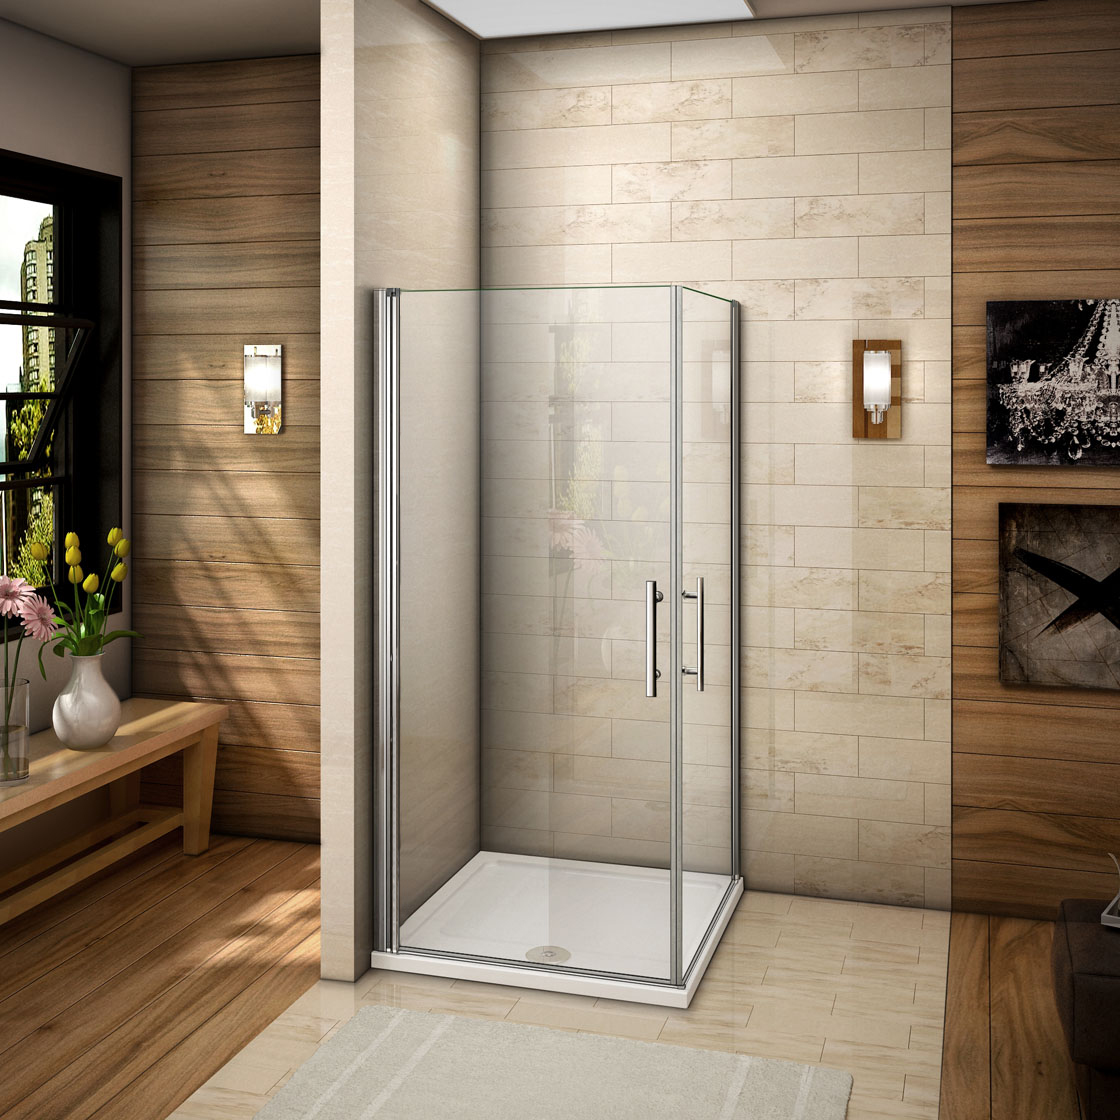 duschkabine eckeinstieg duschabtrennung schwingt r dreht r. Black Bedroom Furniture Sets. Home Design Ideas